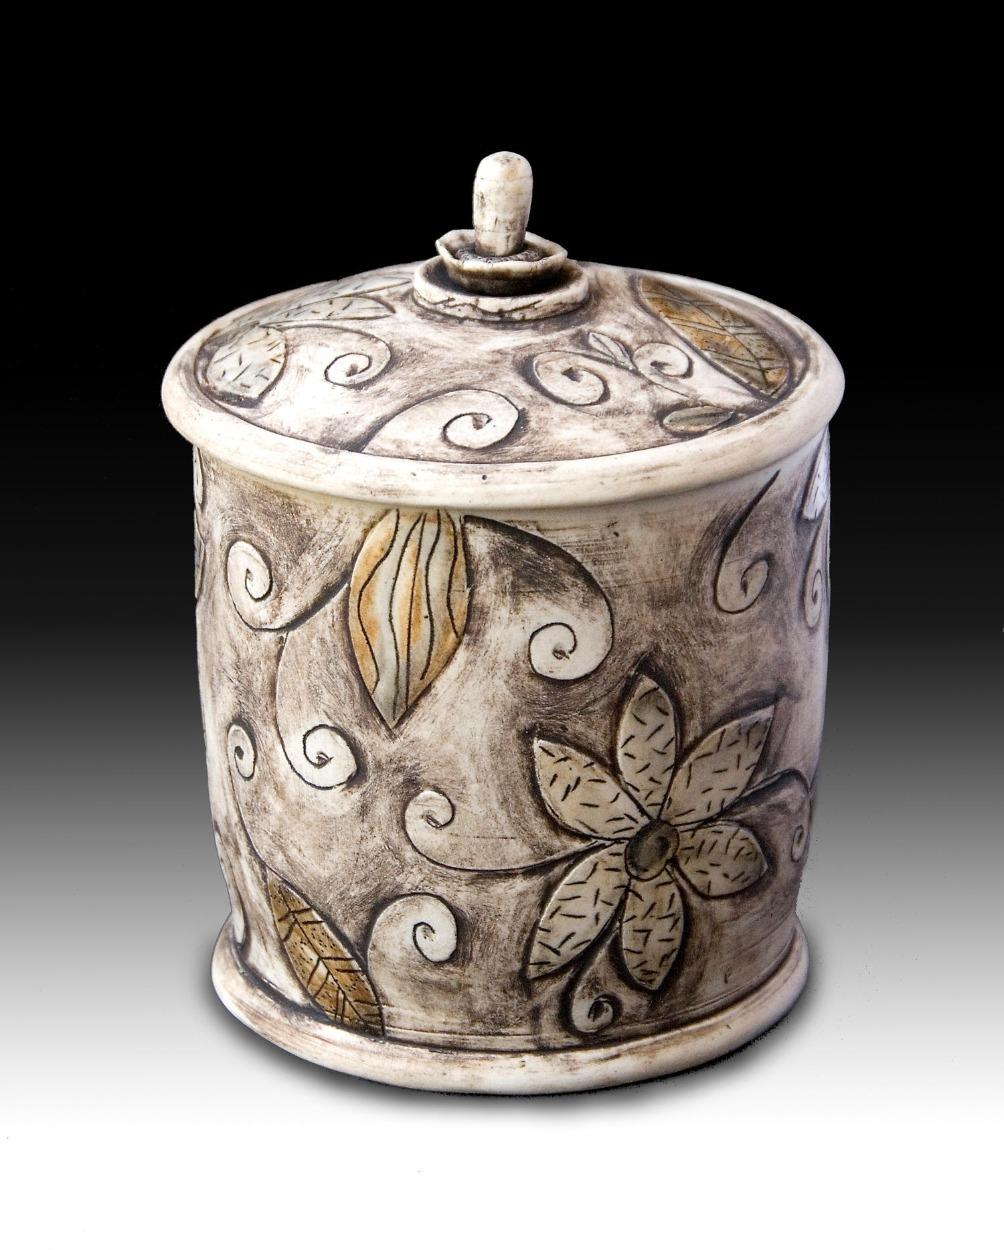 Porcelain vessel